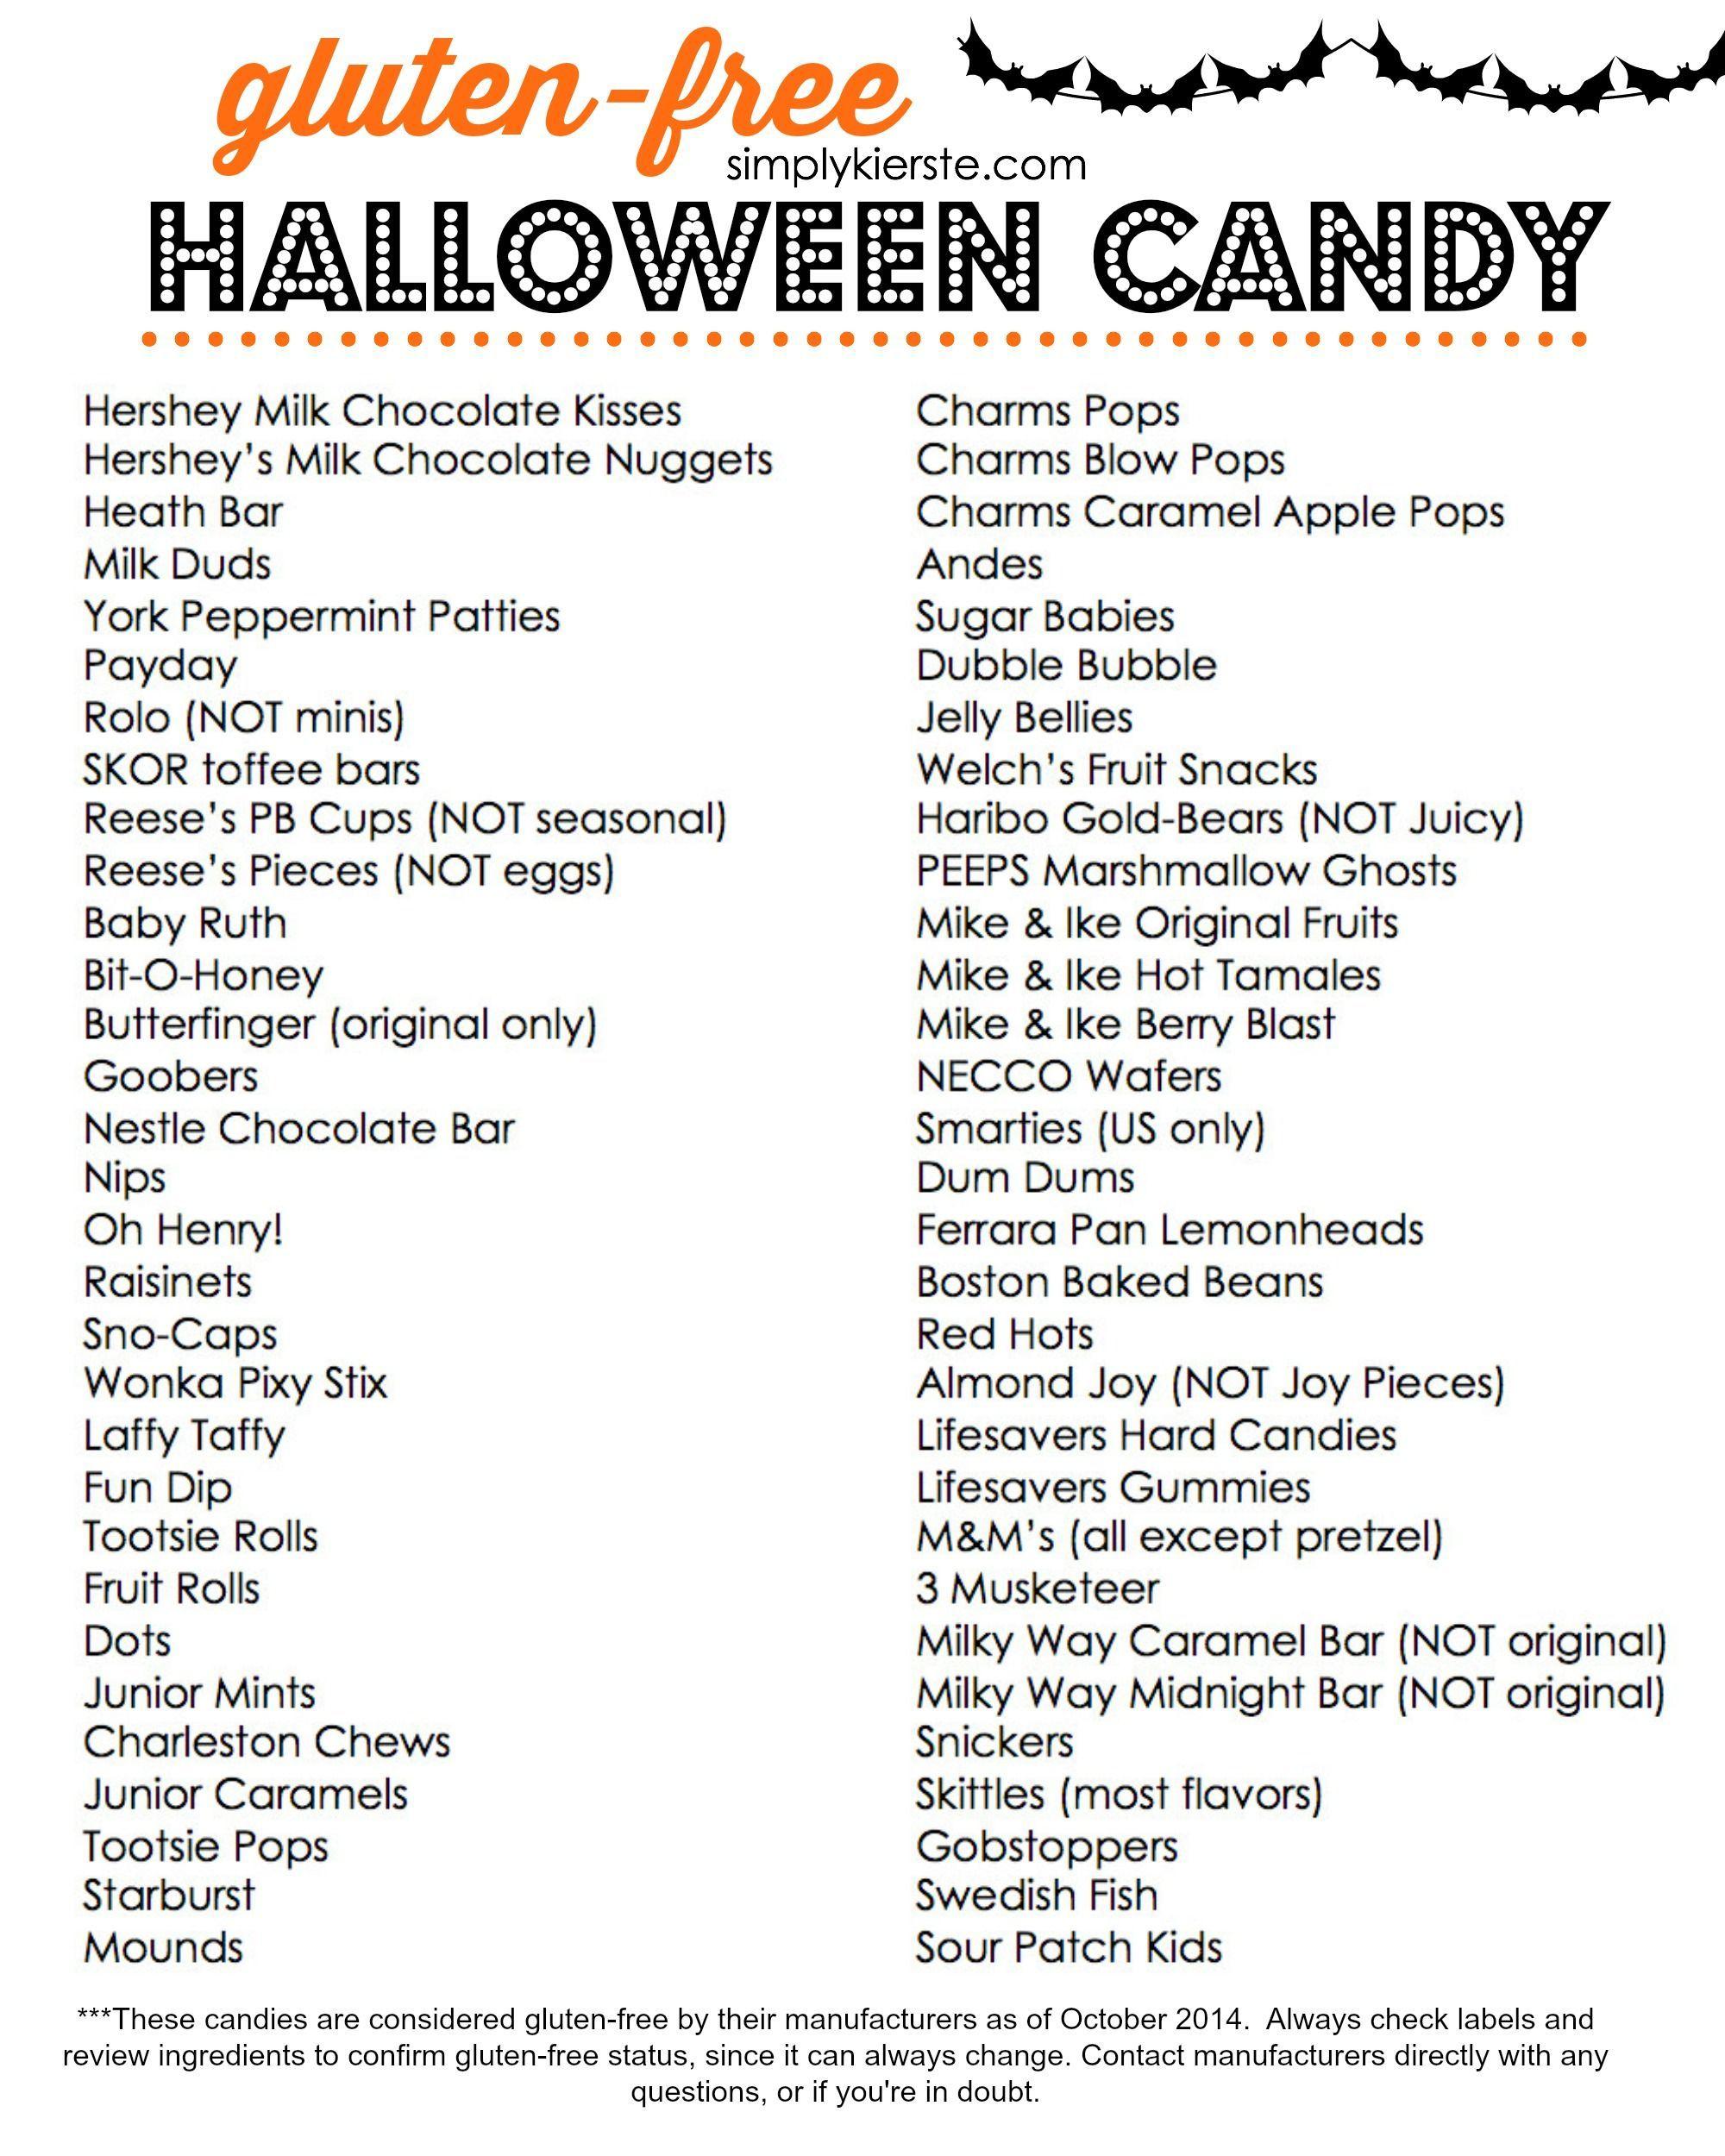 Gluten Free Food List Printable - Gluten Free Food List Printable